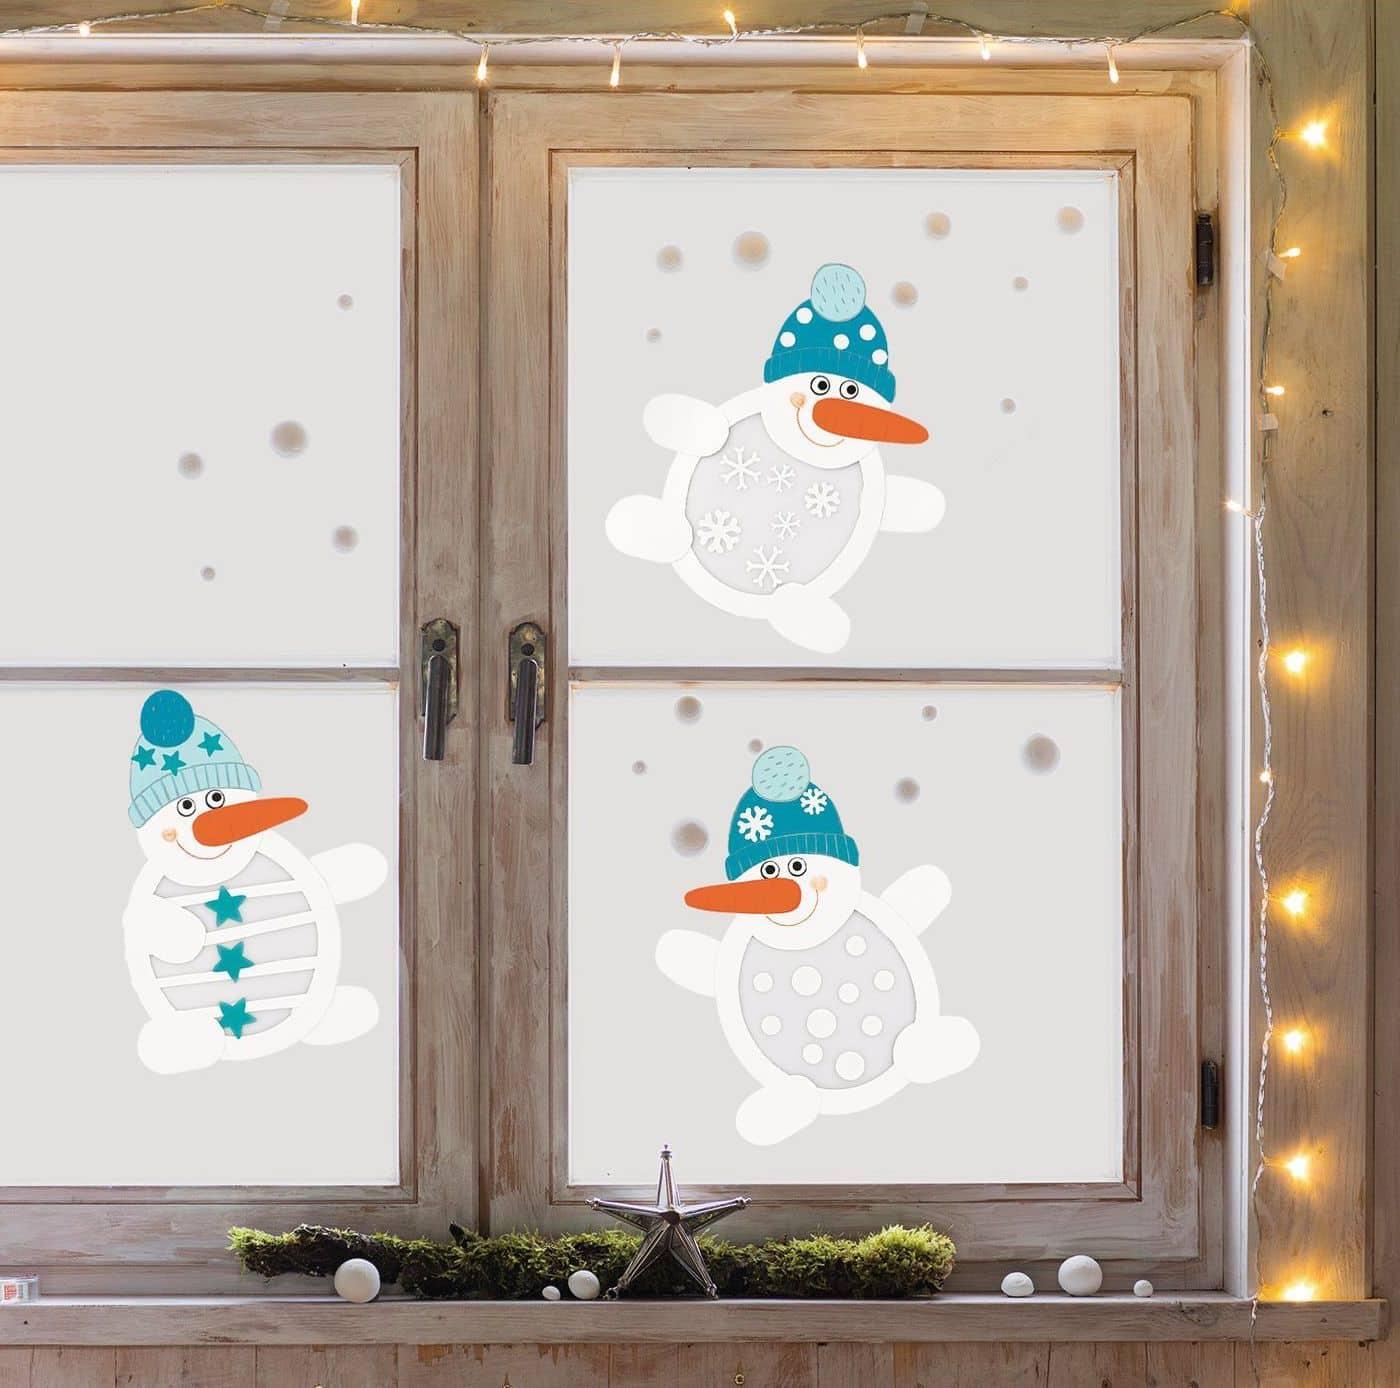 Красивая и весела новогодняя композиция с изображением забавных снеговиков на окне